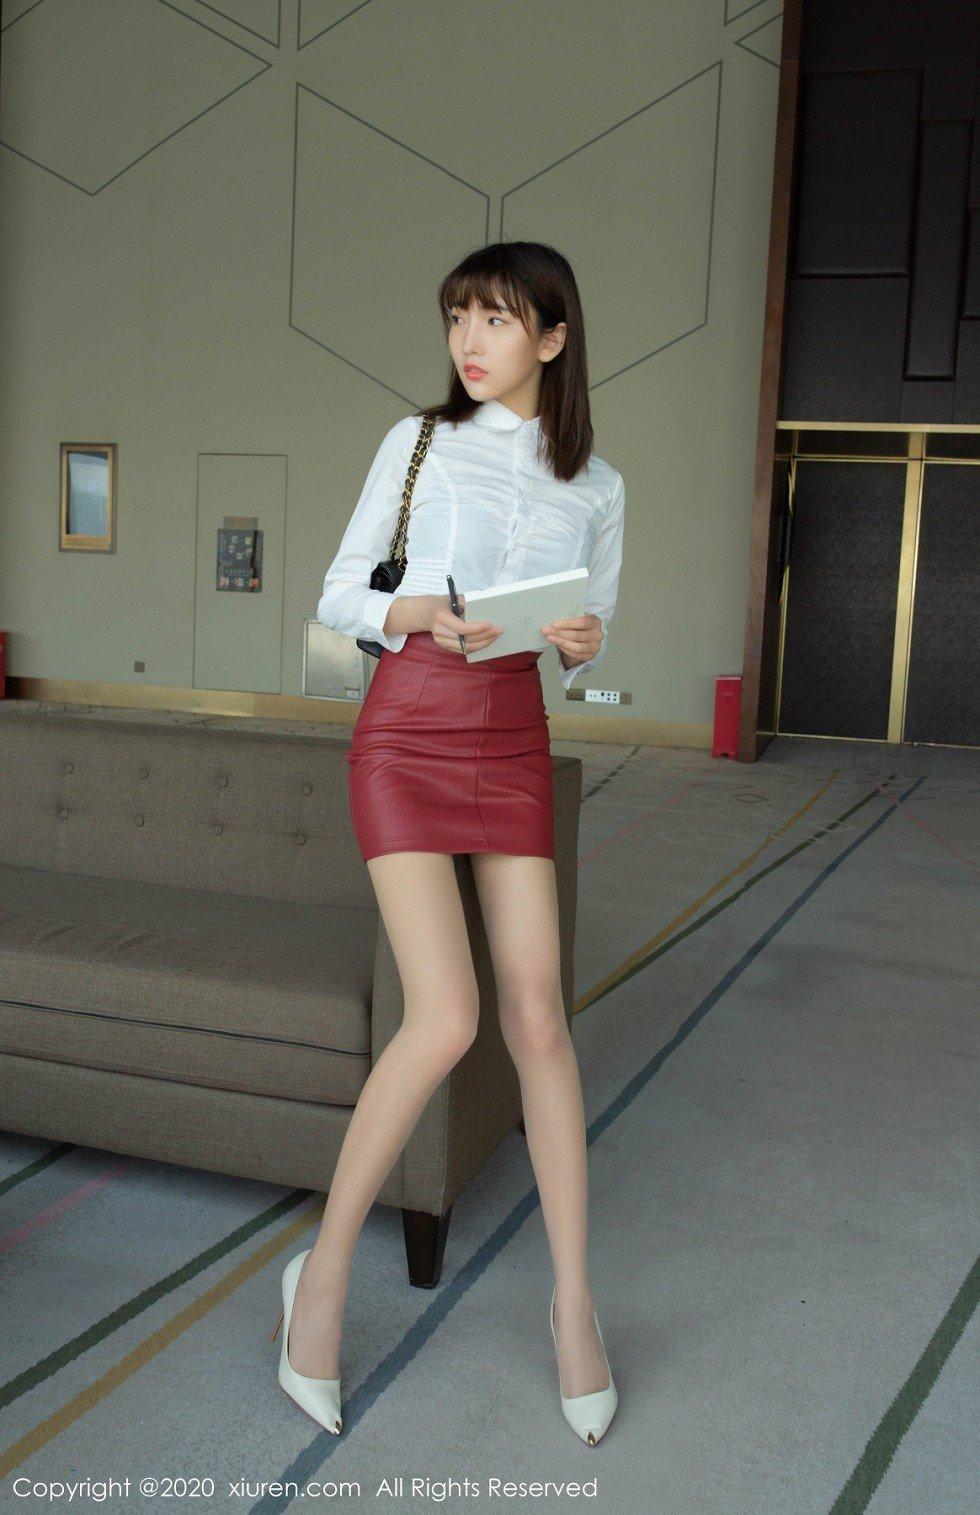 陆萱萱(Vol. 2393) 性感mm-第3张